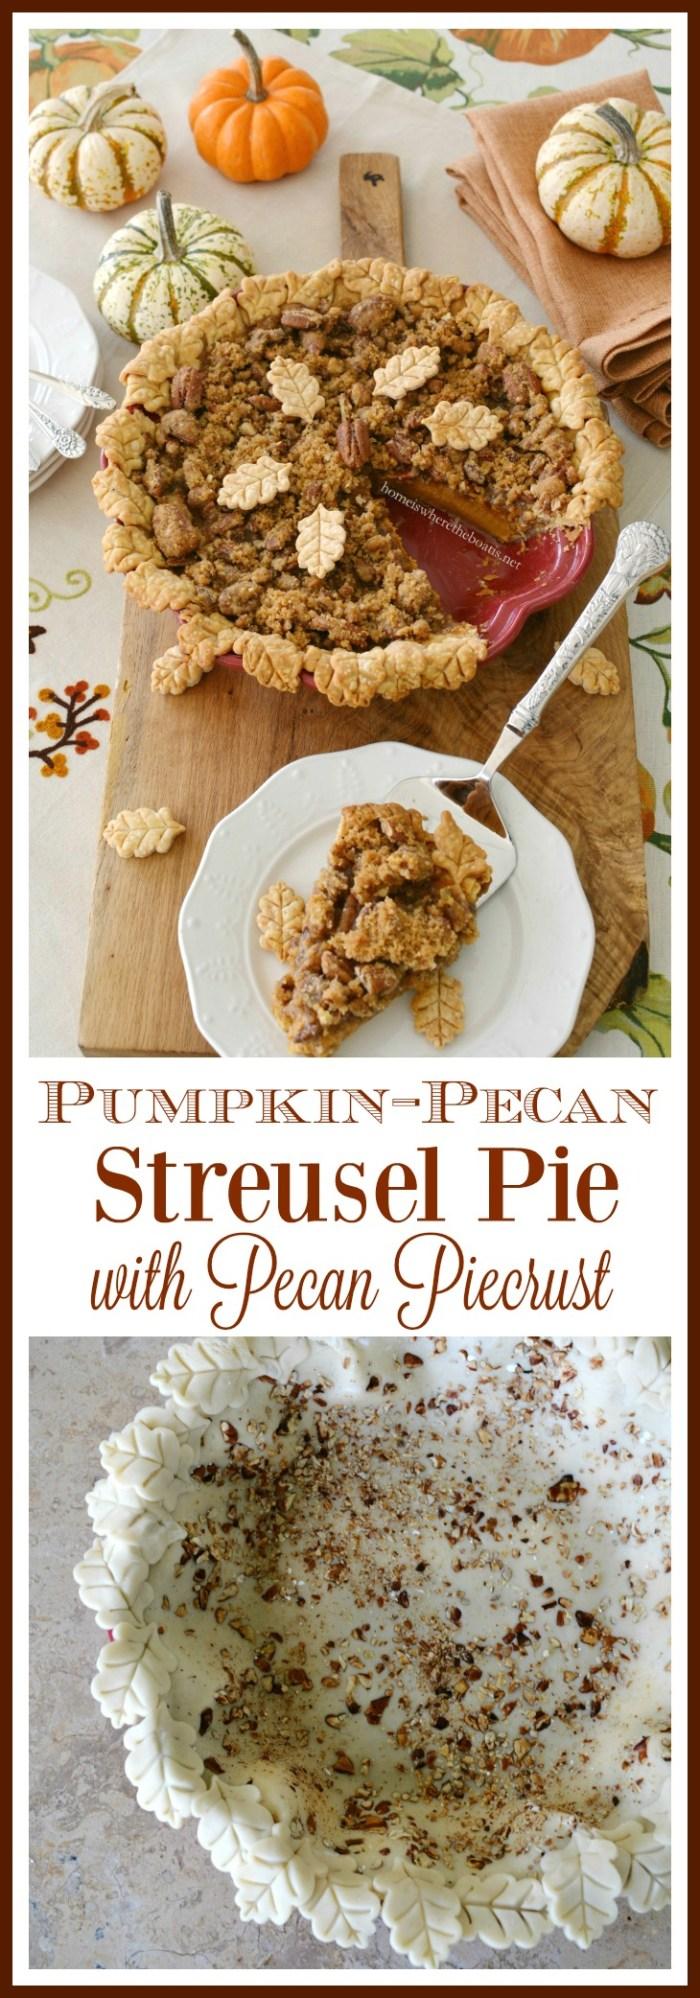 Pumpkin-Pecan Streusel Pie with Pecan Piecrust